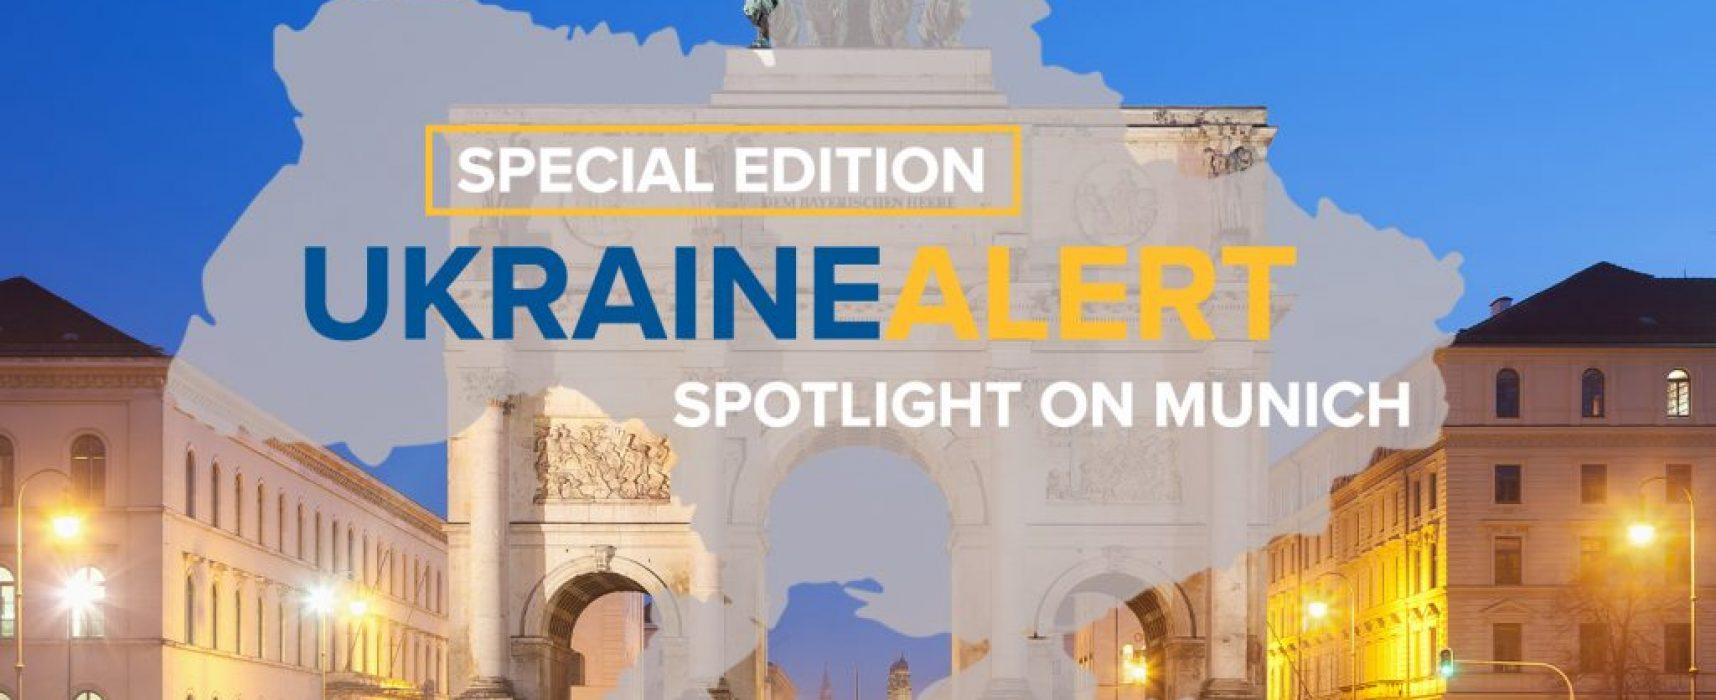 Flawed peace plan for Ukraine repeats Kremlin talking points